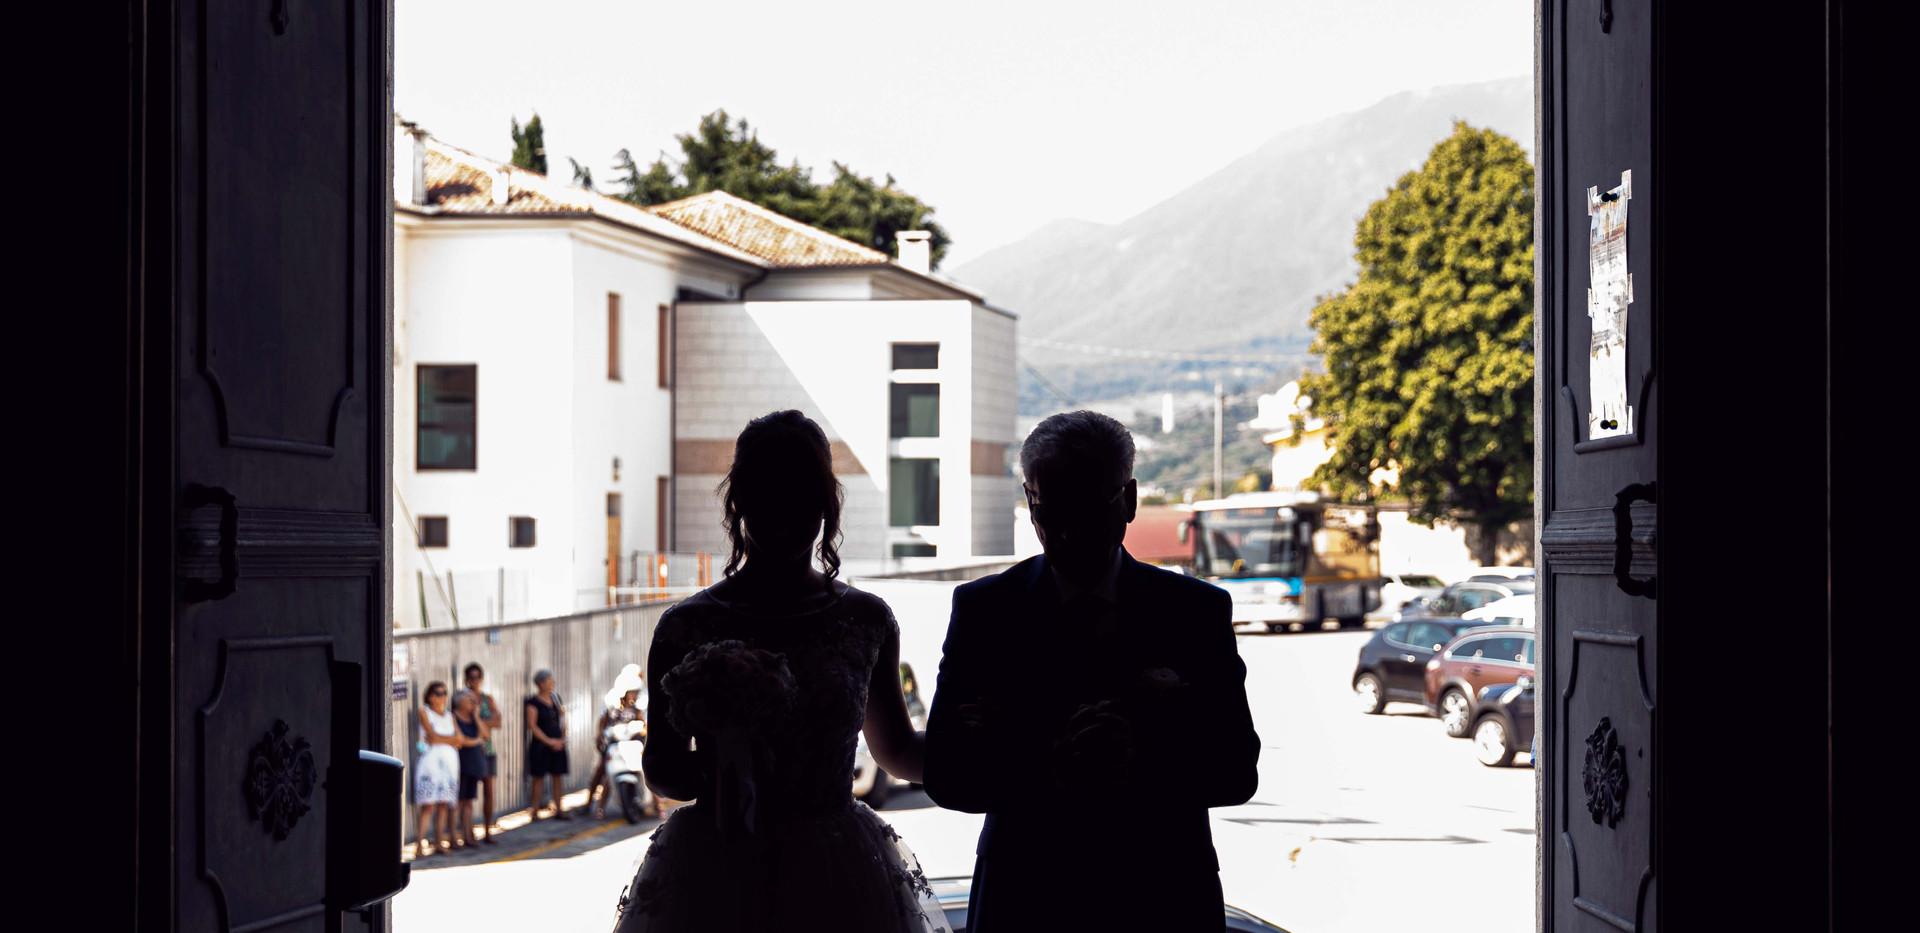 Laura & Andrea, 2020